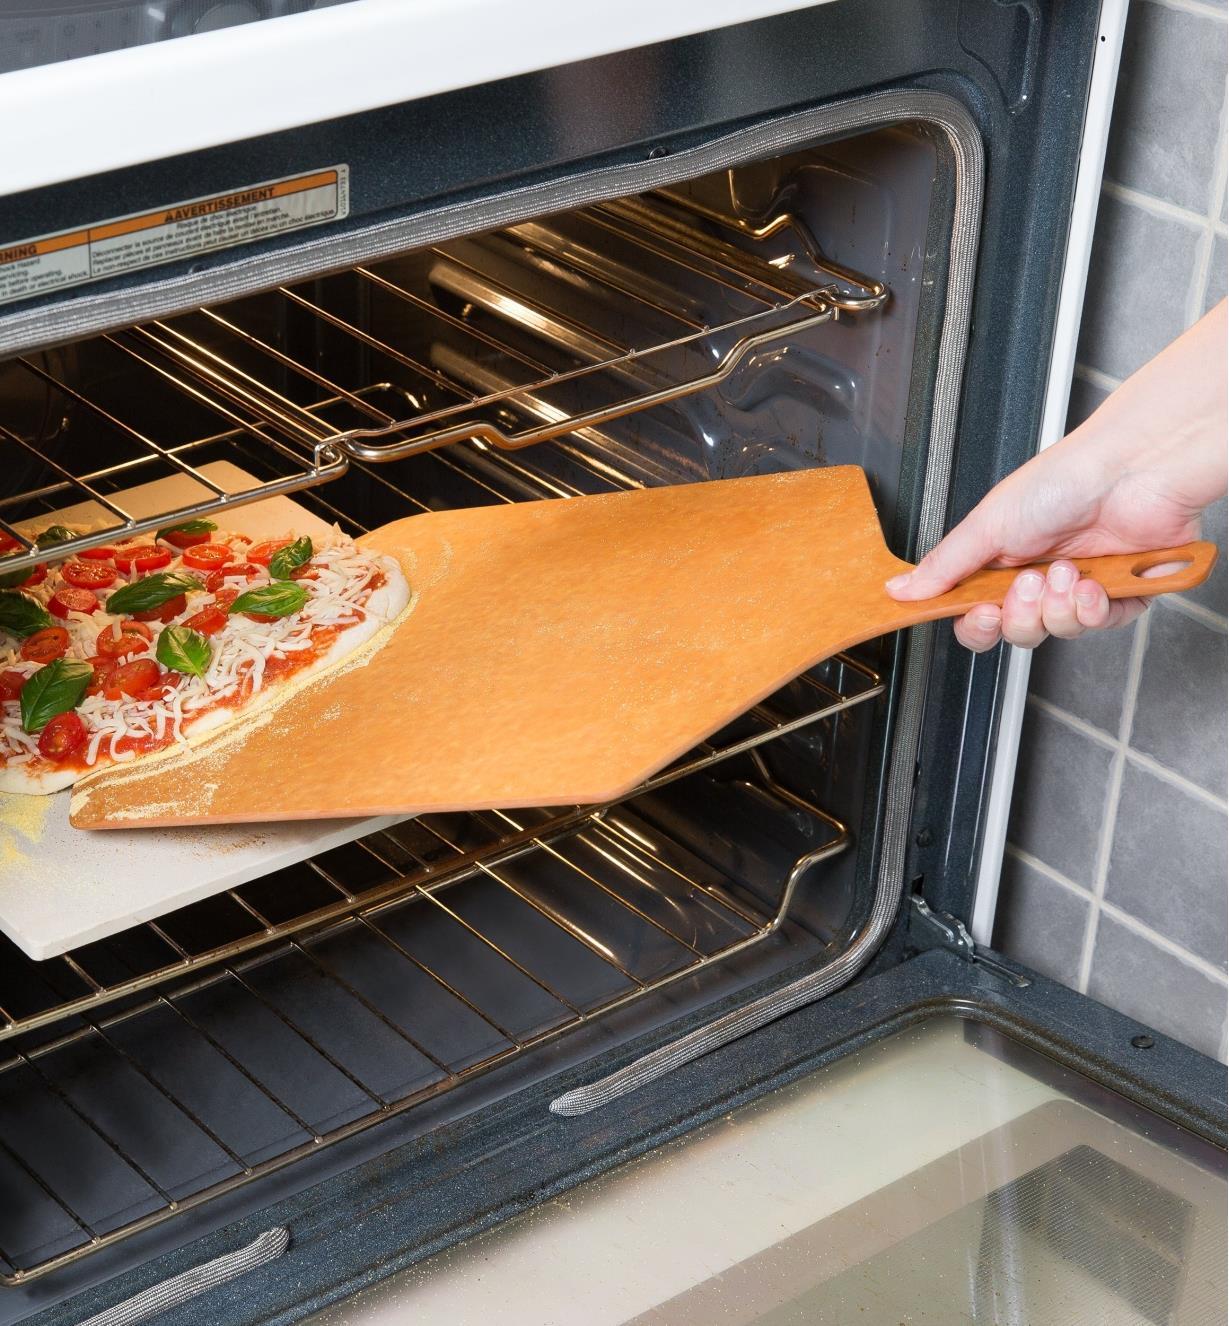 Personne déposant une pizza dans le four à l'aide d'une planche à pizza